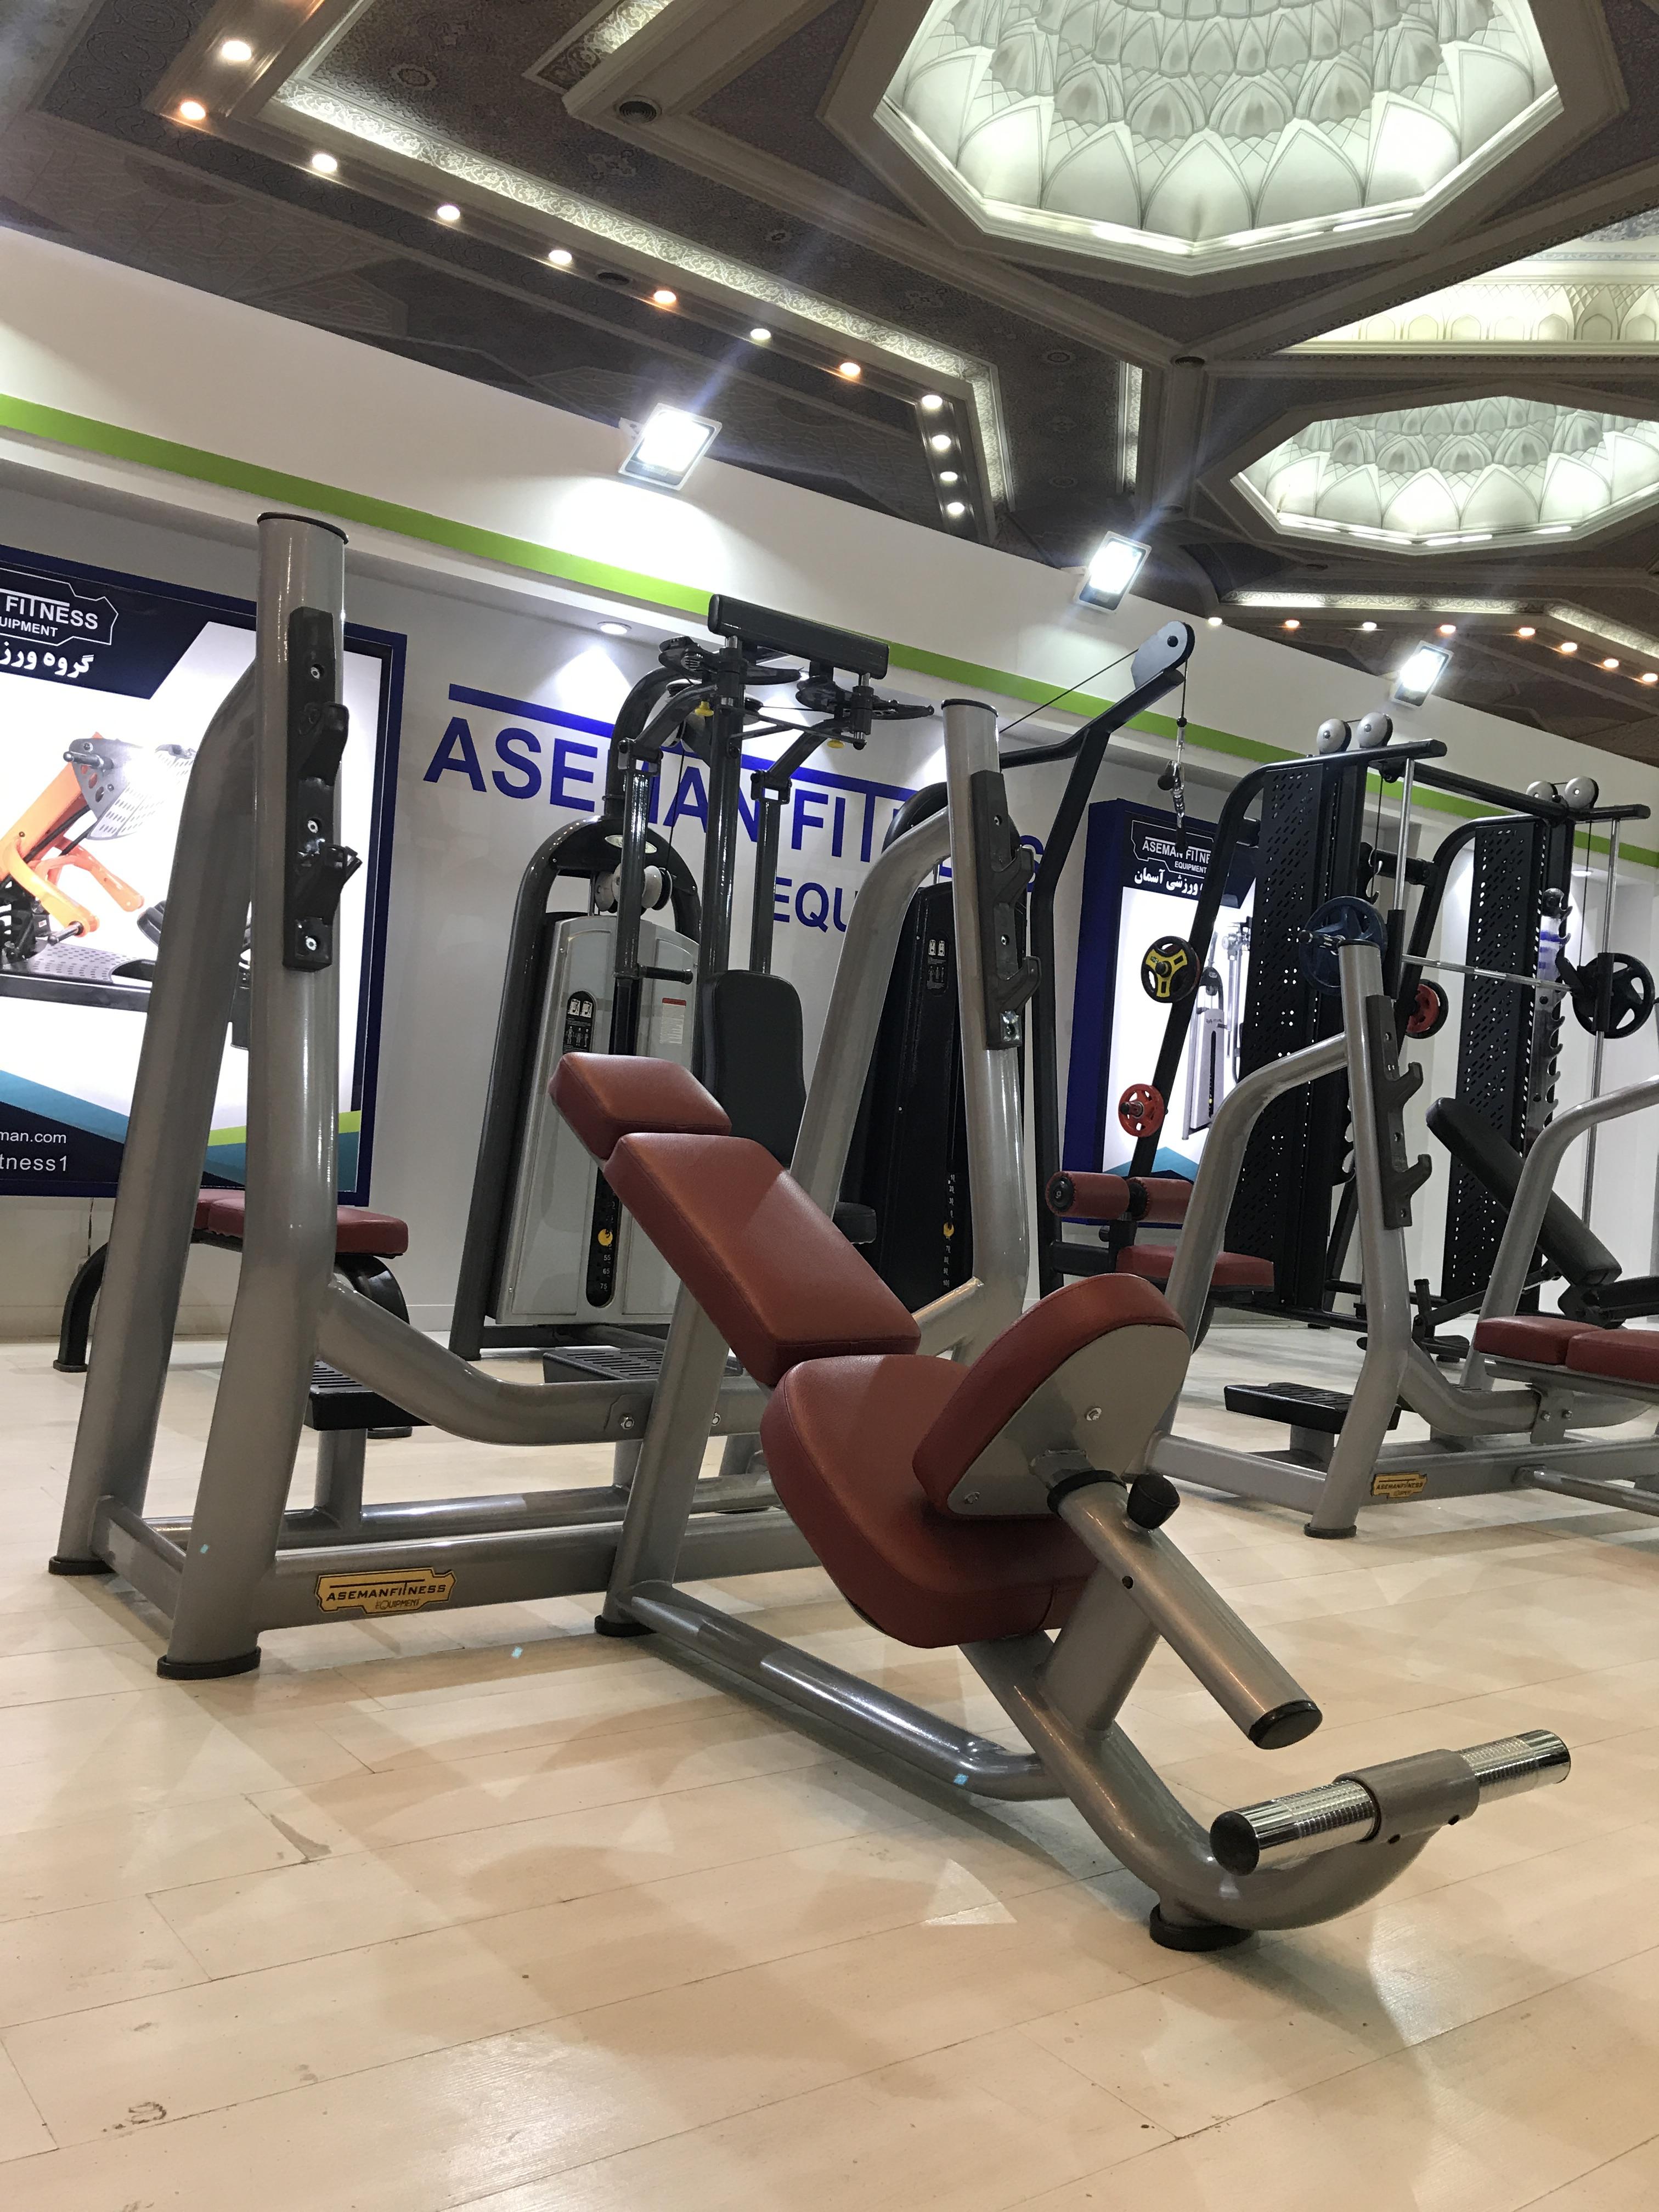 خرید تجهیزات باشگاهی : مدرن و حرفه ای ترین تجهیزات Sky Fitness